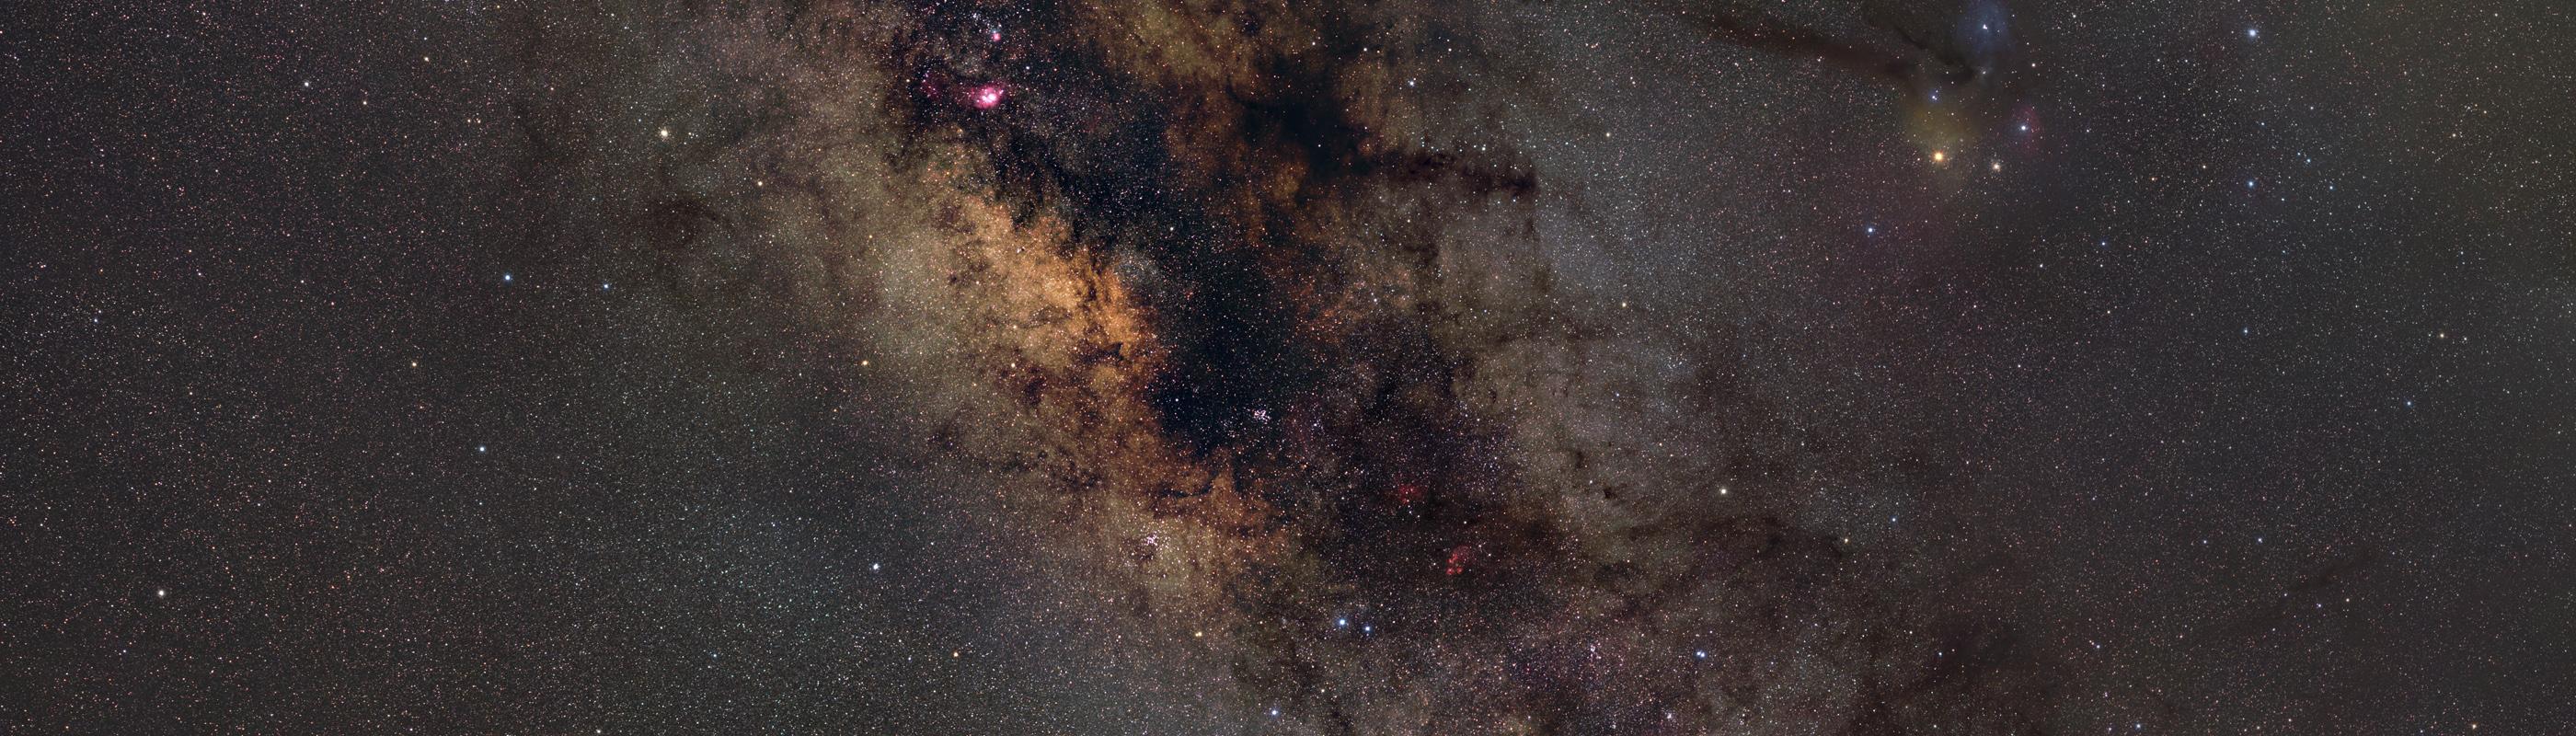 Ein alternativer Ausschnitt des Panoramas, zu sehen ist vor allem das Milchtraßenzentrum (Sternbilder Schütze und Skorpion) und mehrere helle Gasnebel. Diese Version kann bereits als Posterdruck erworben werden.